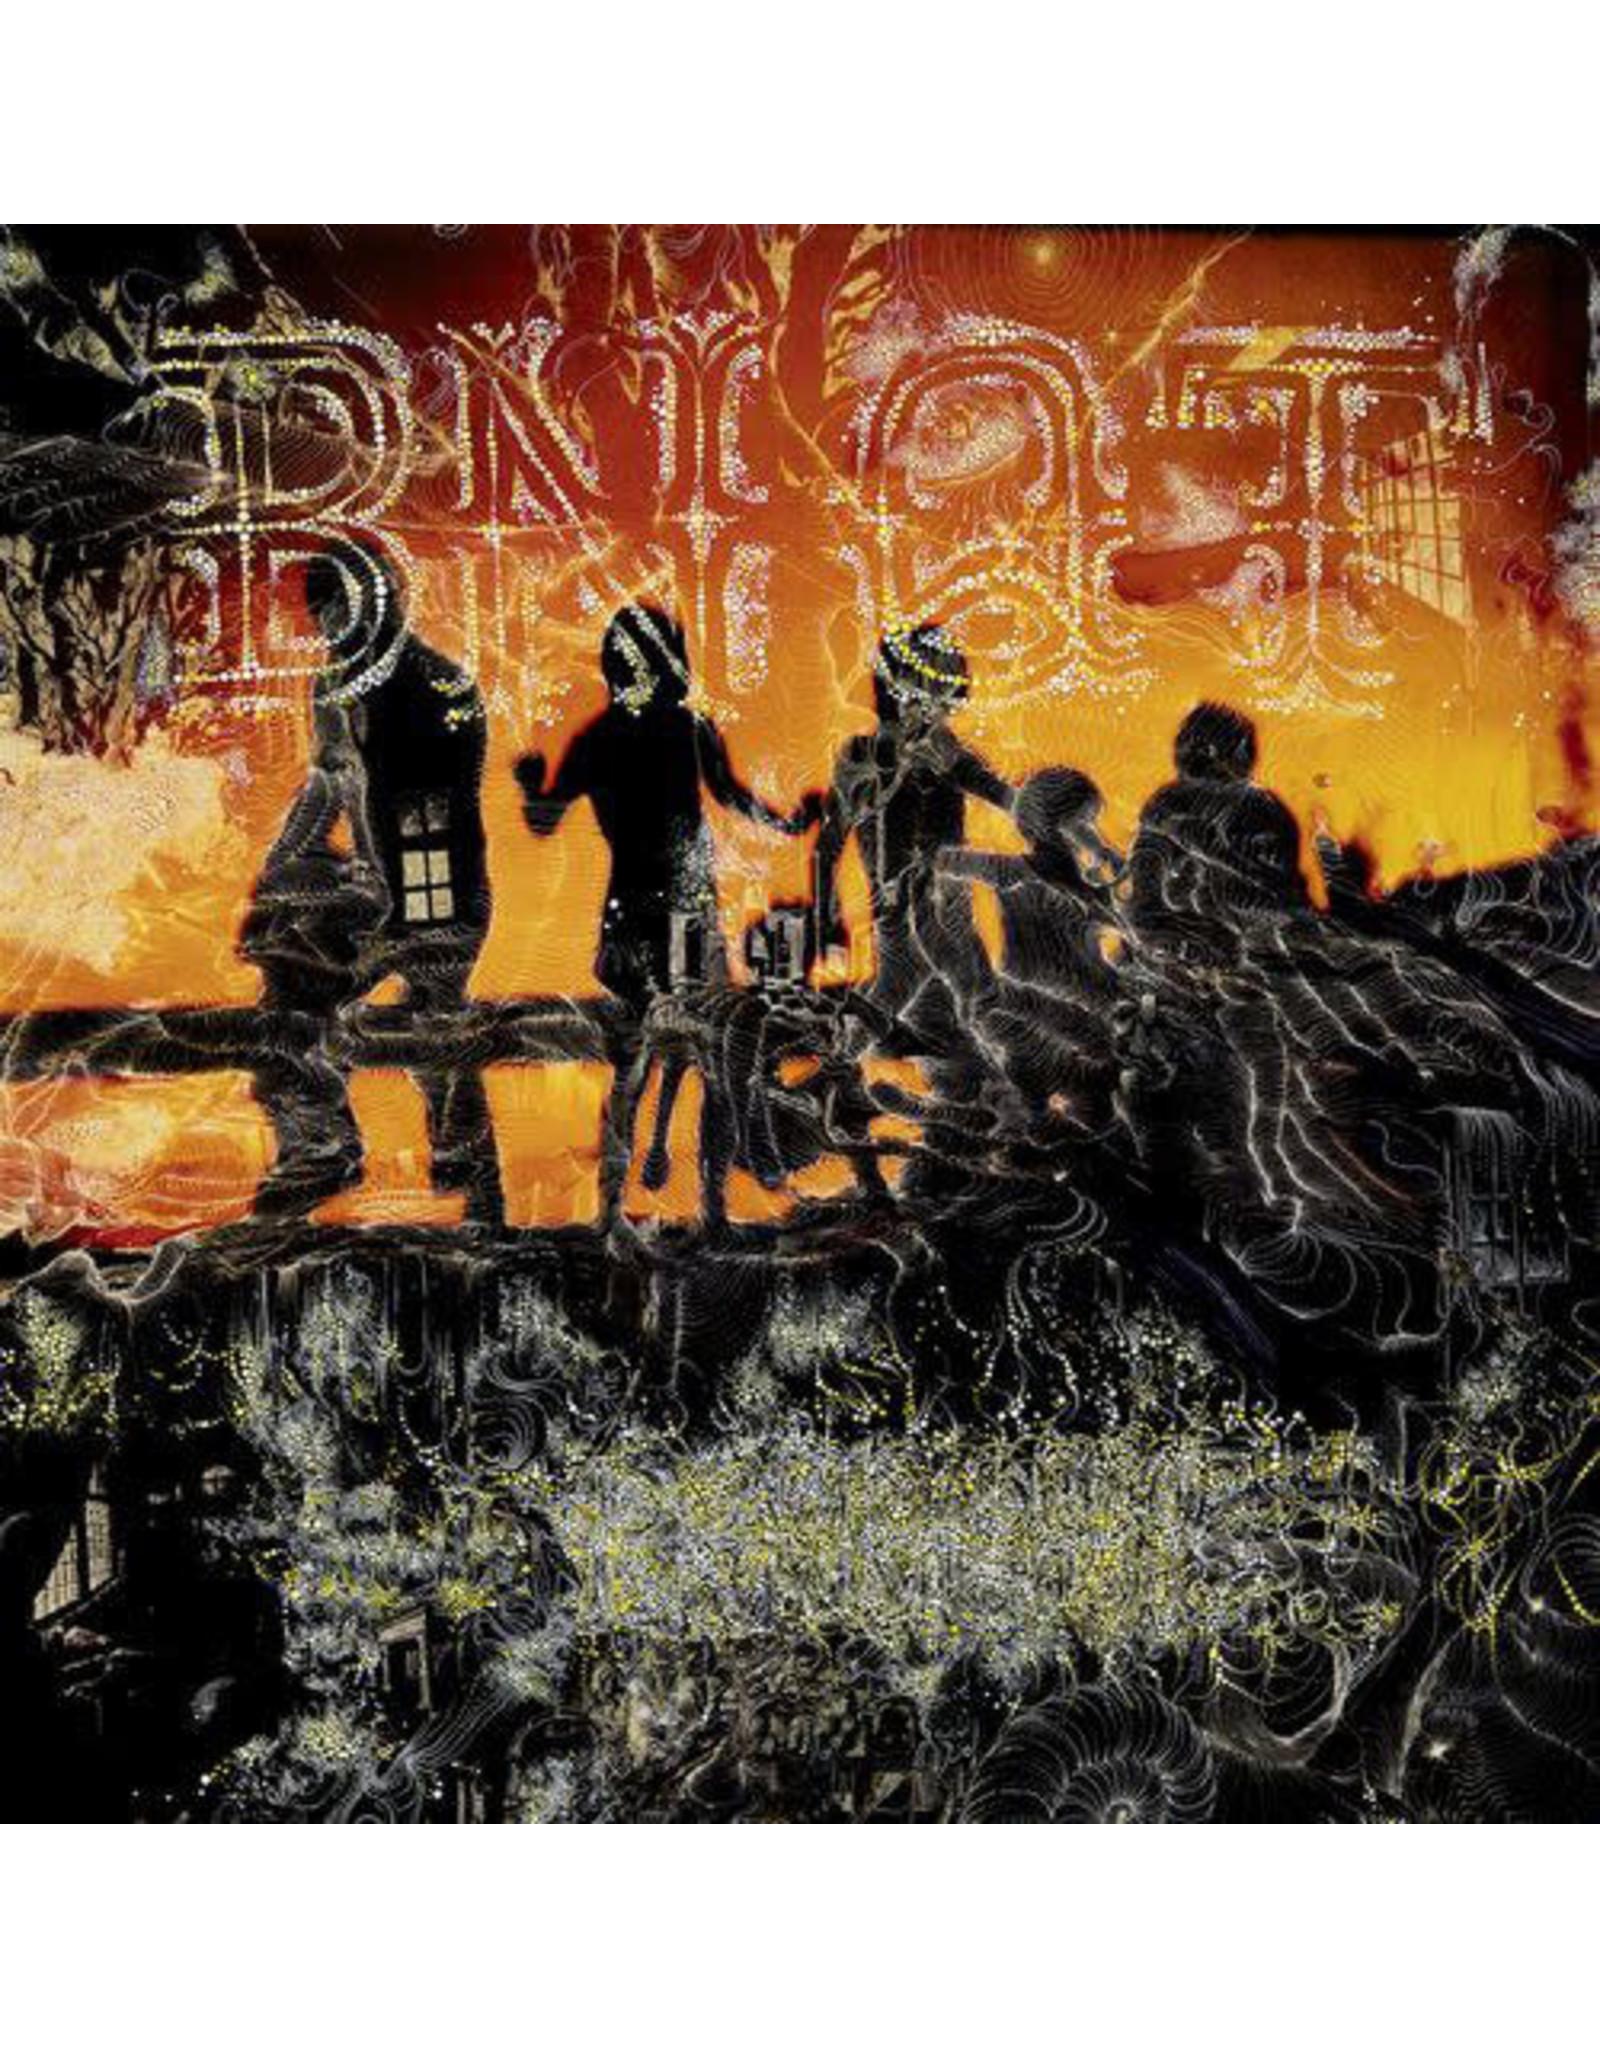 BNQT - Volume 1 CD